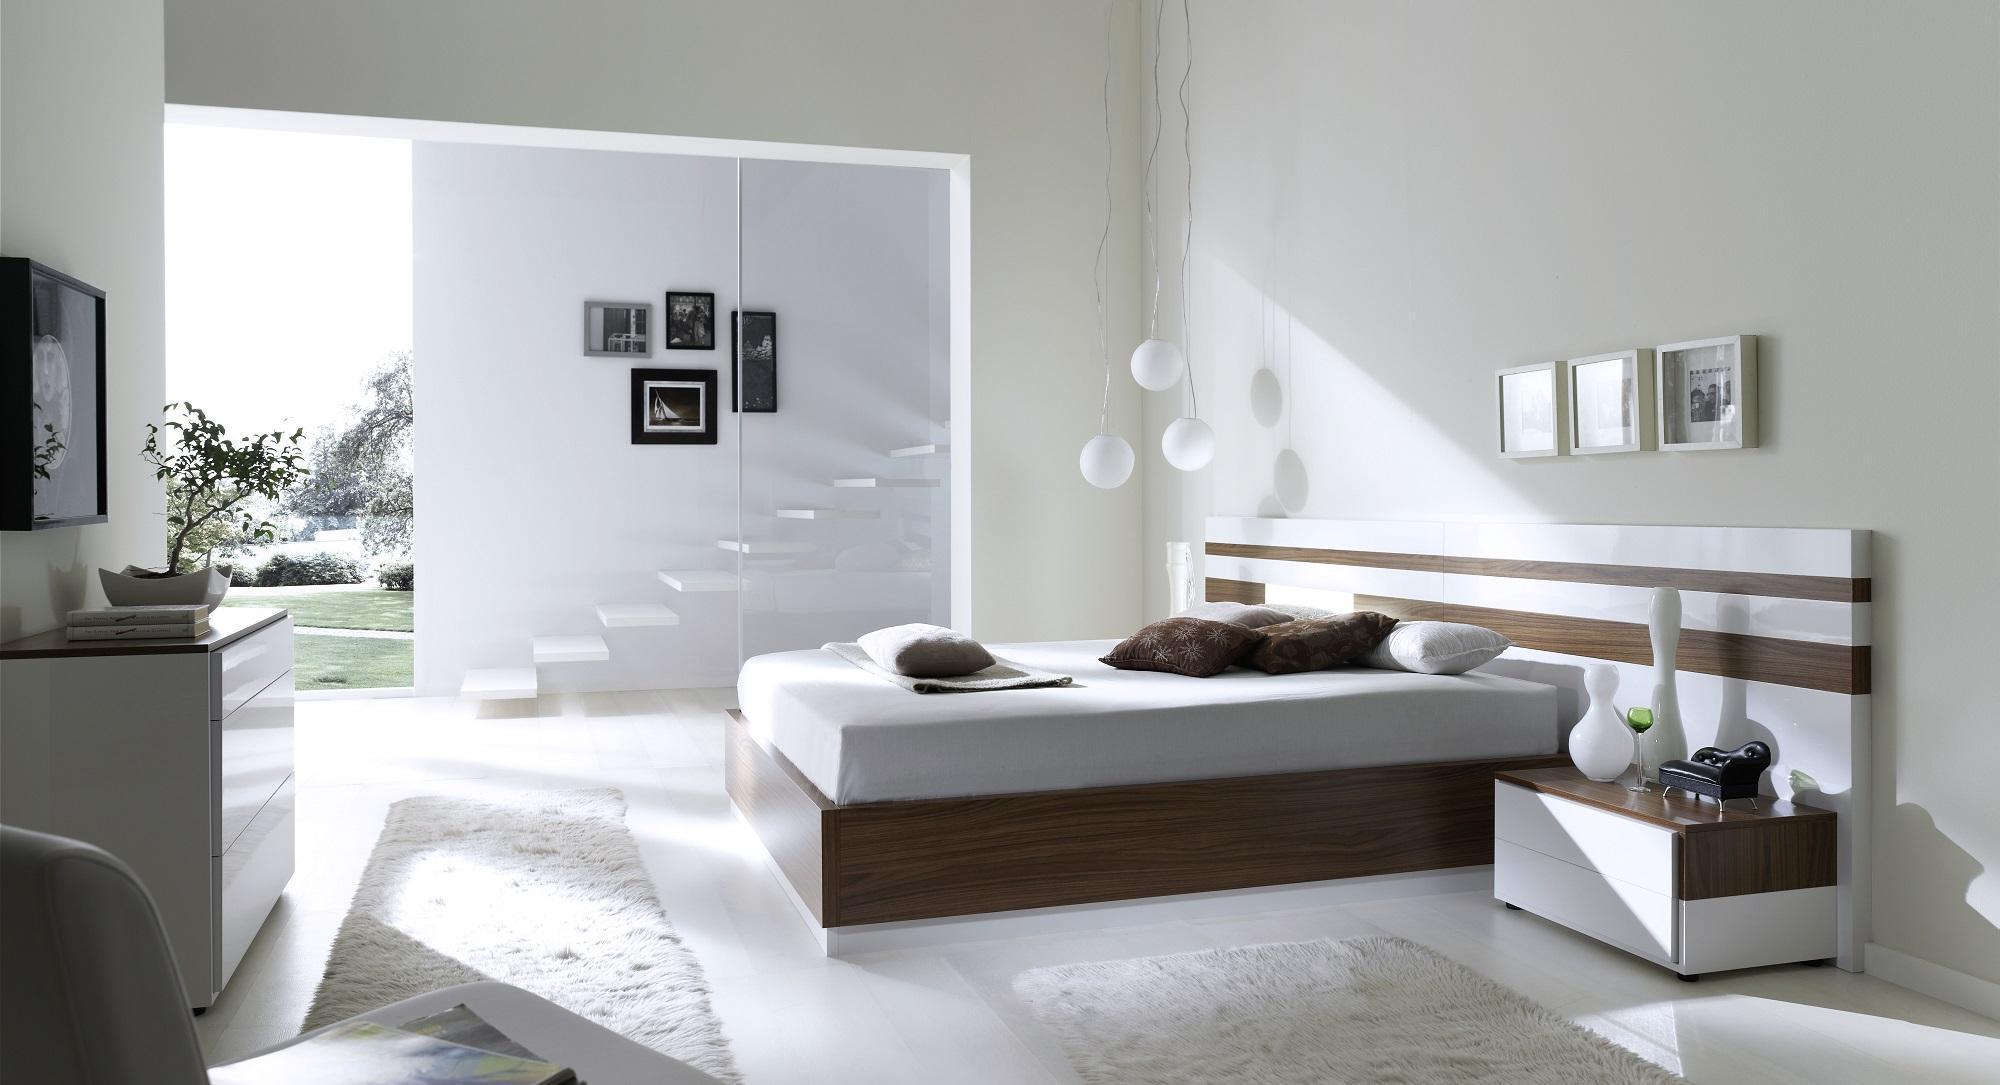 Deco el descanso a tu medida con burrito blanco for Dormitorios minimalistas modernos